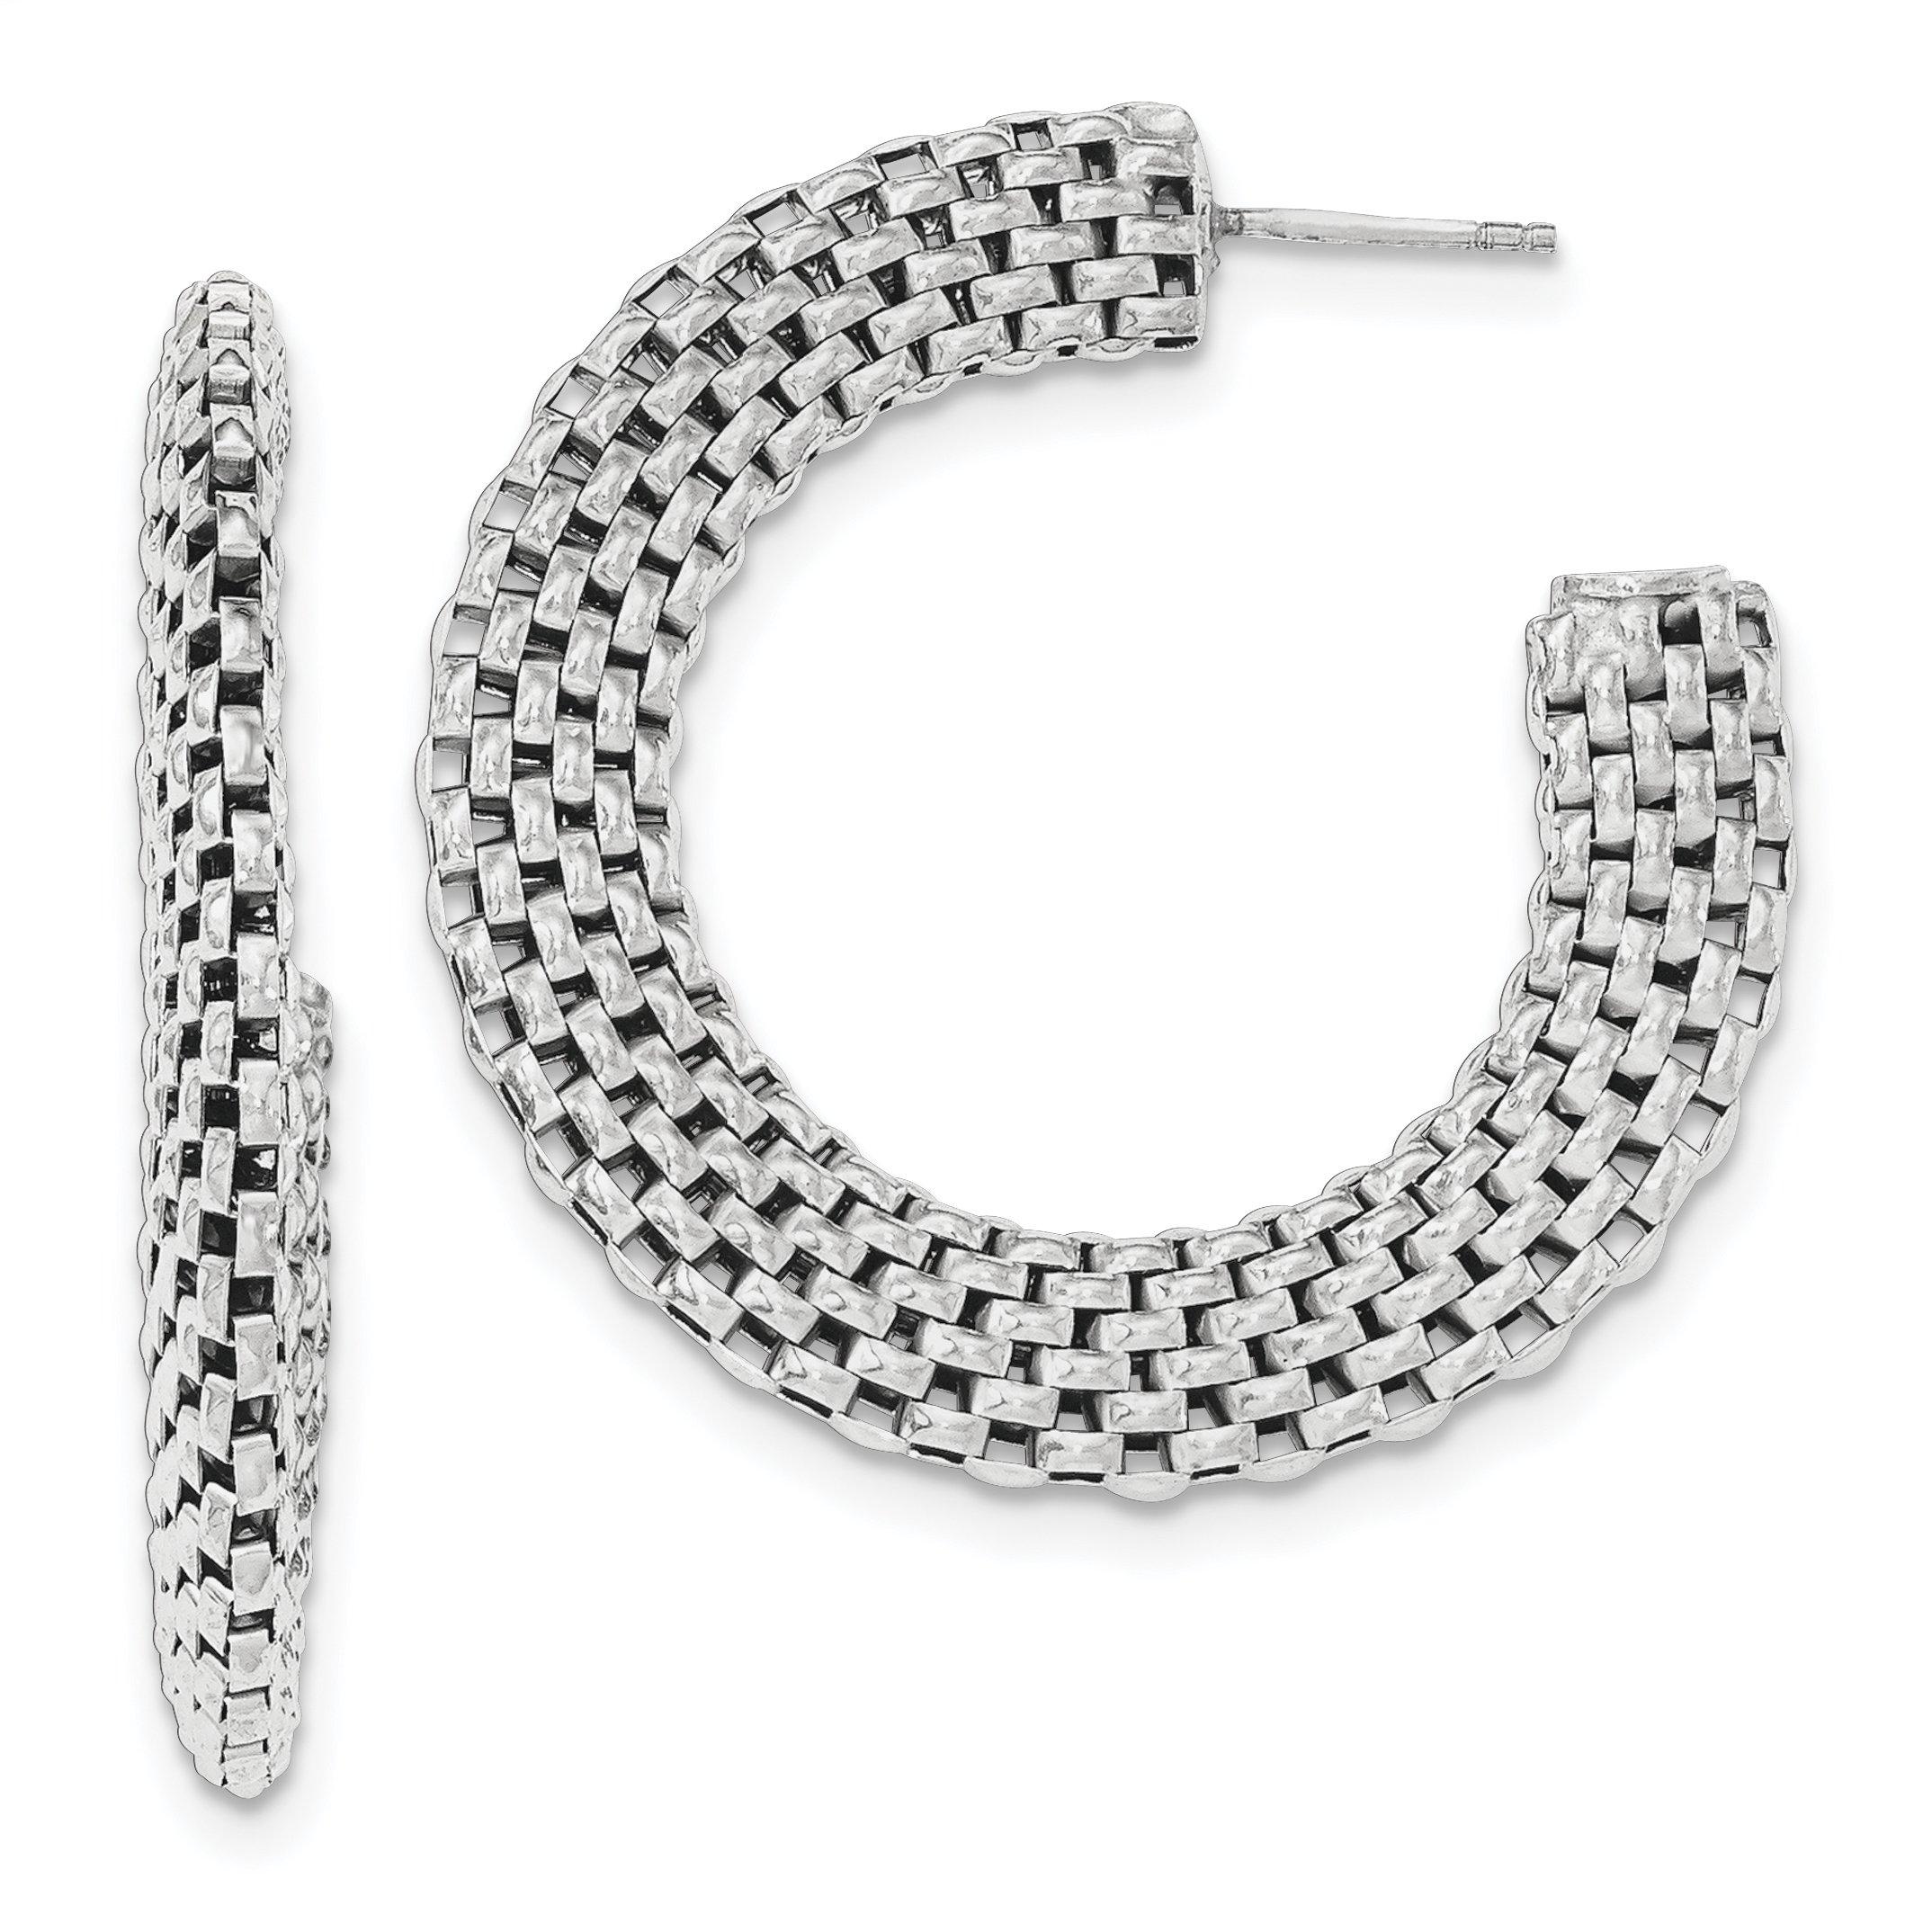 ICE CARATS 925 Sterling Silver Mesh Post Stud Hoop Earrings Ear Hoops Set Fine Jewelry Gift Set For Women Heart